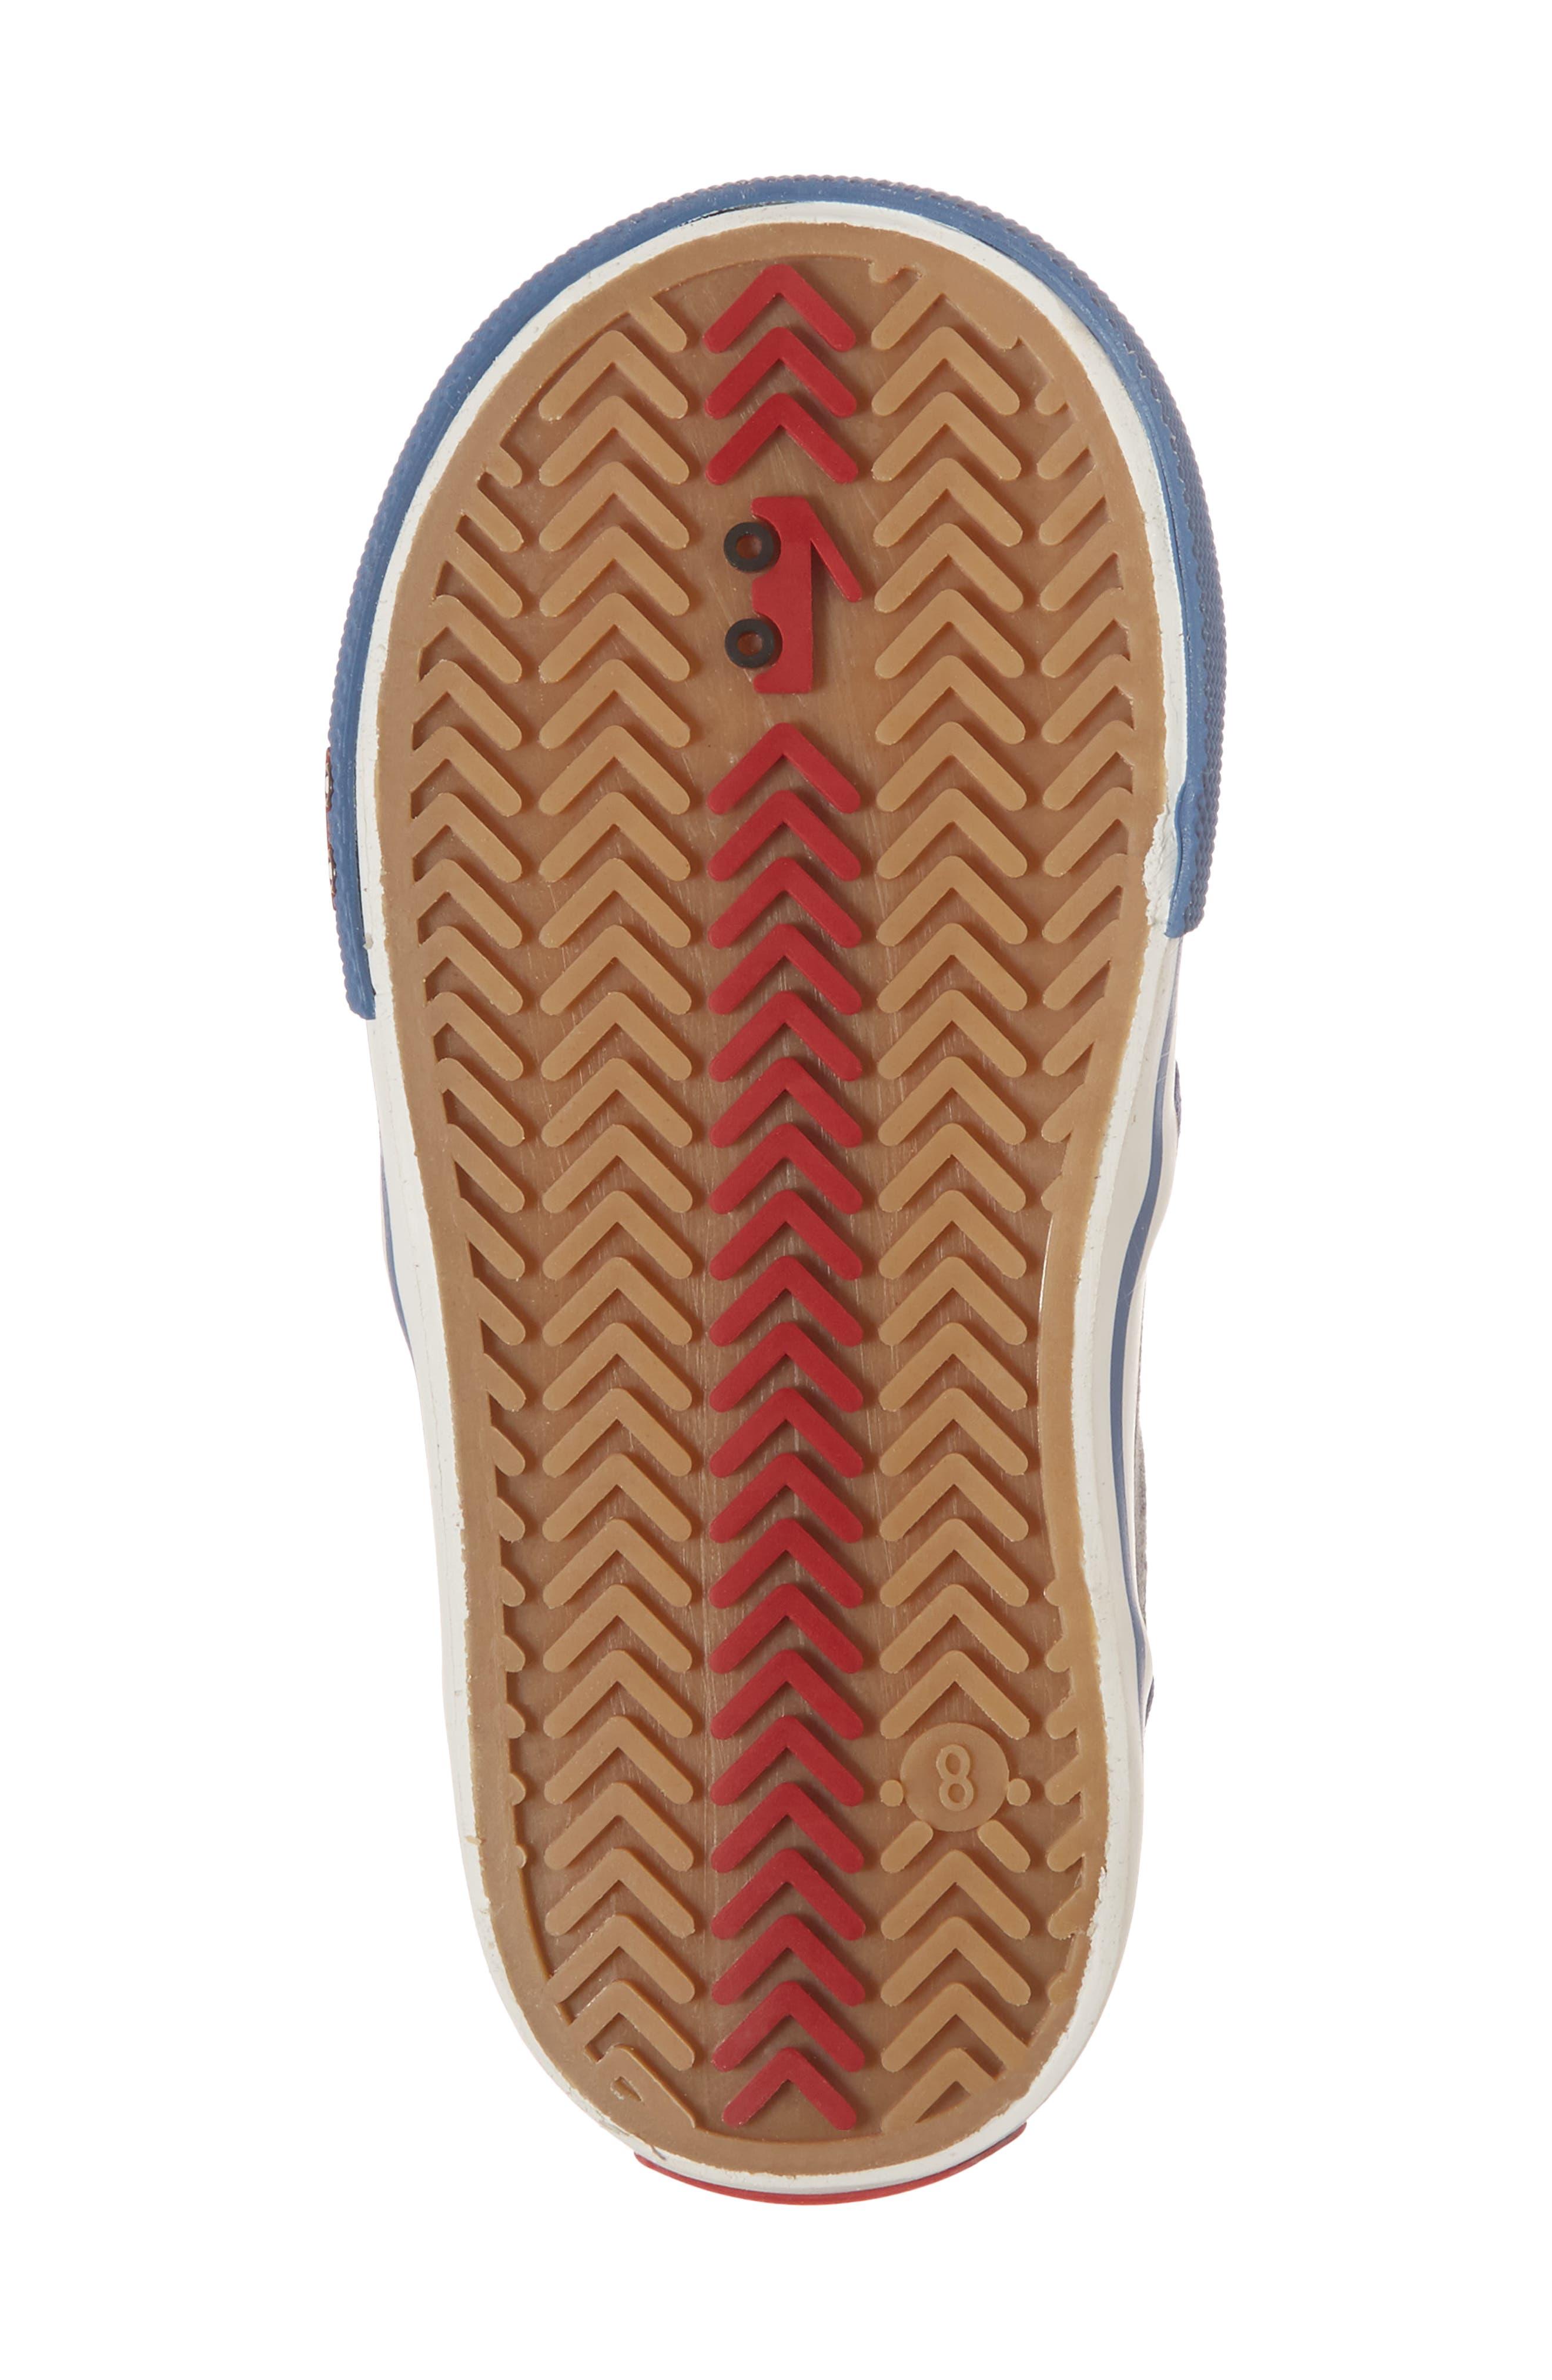 Slater Colorblock Slip-On Sneaker,                             Alternate thumbnail 6, color,                             Gray/ Blue